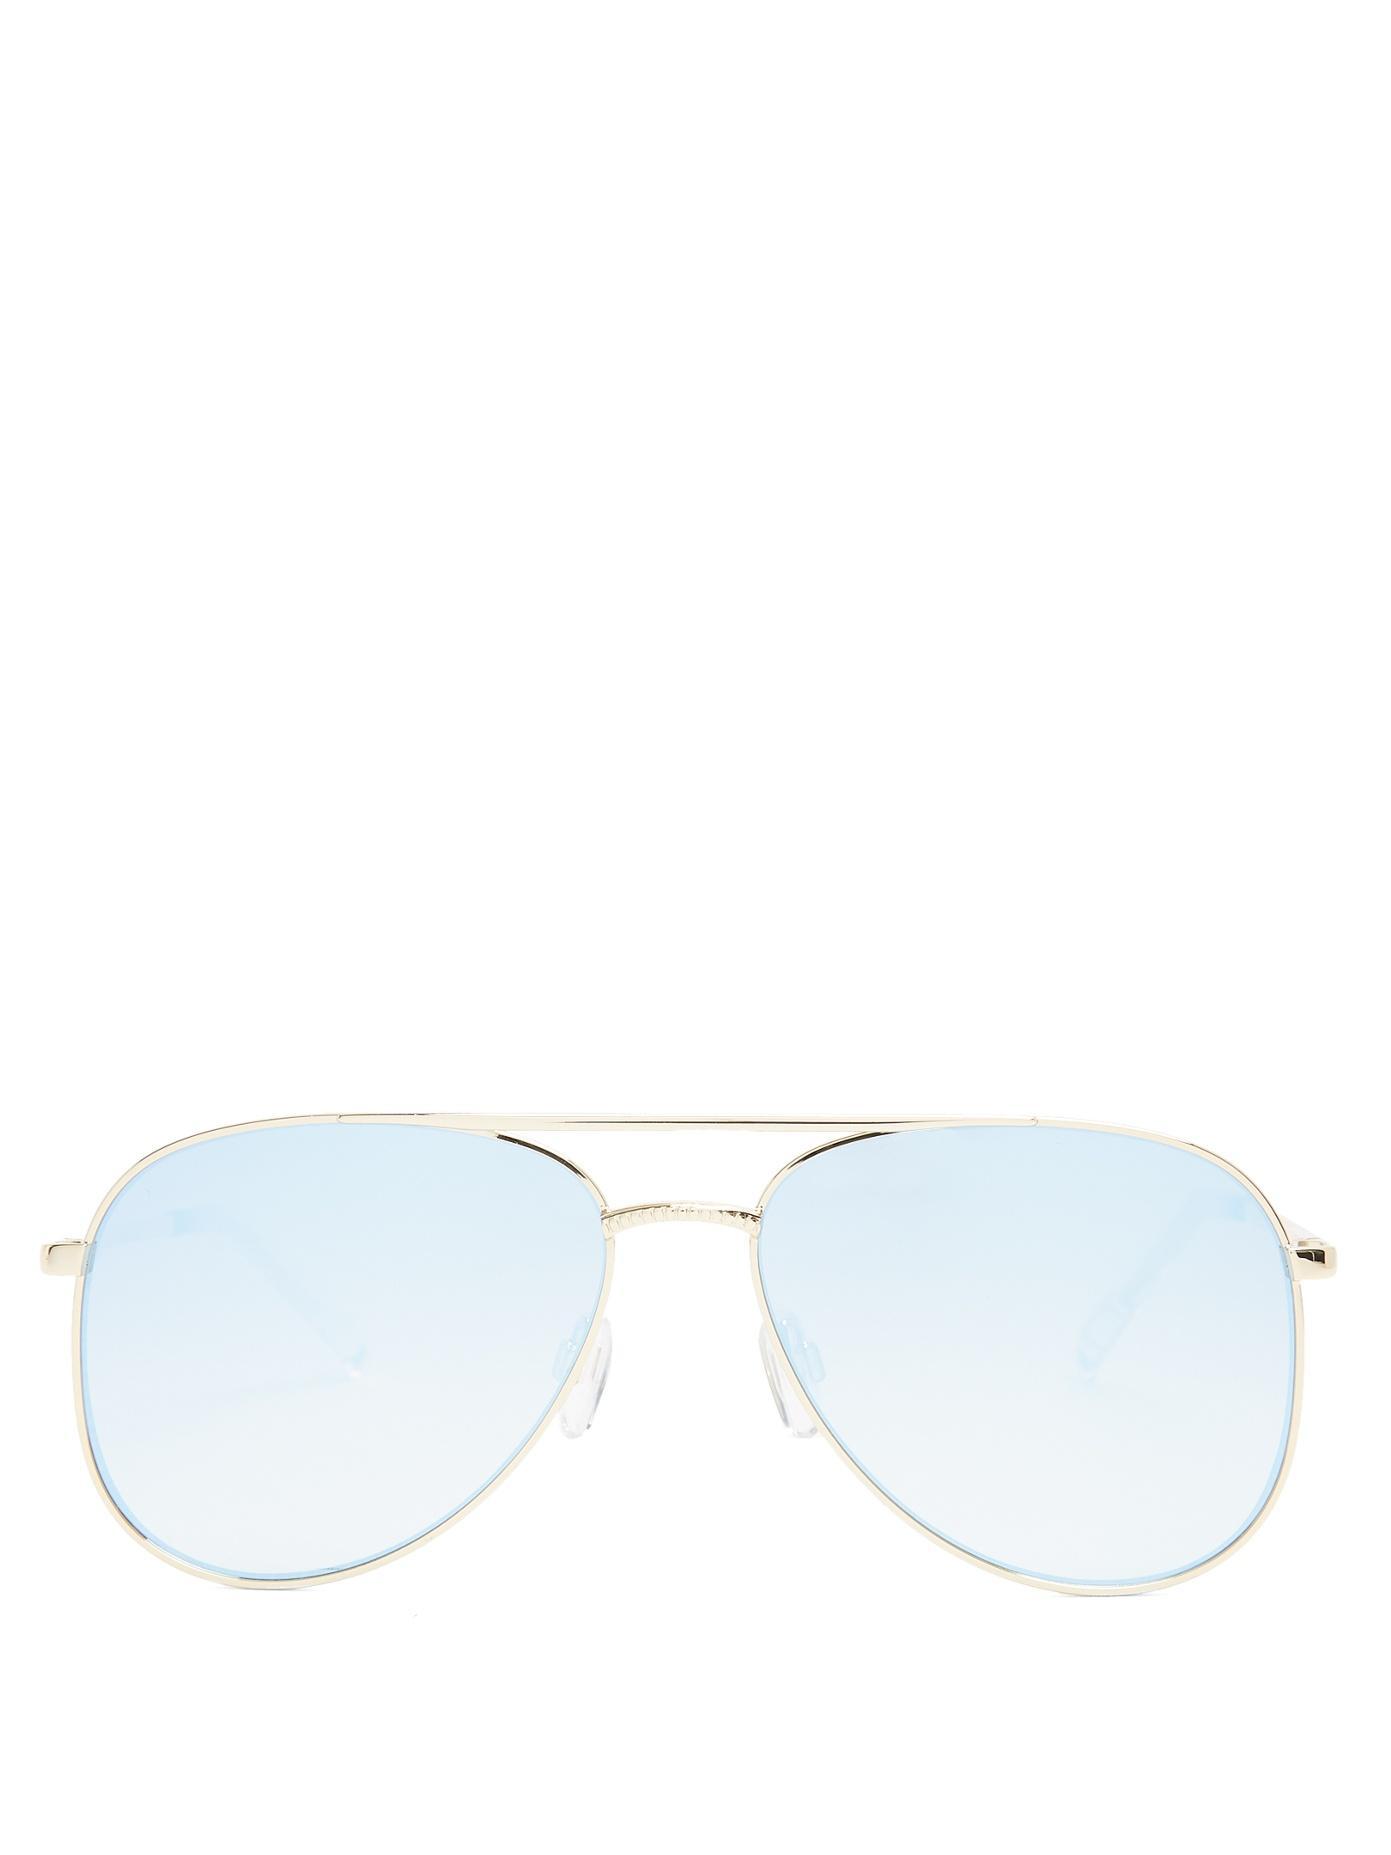 e920e0dca Le Specs Kingdom Aviator Sunglasses In Bright Gold/Blue Revo | ModeSens